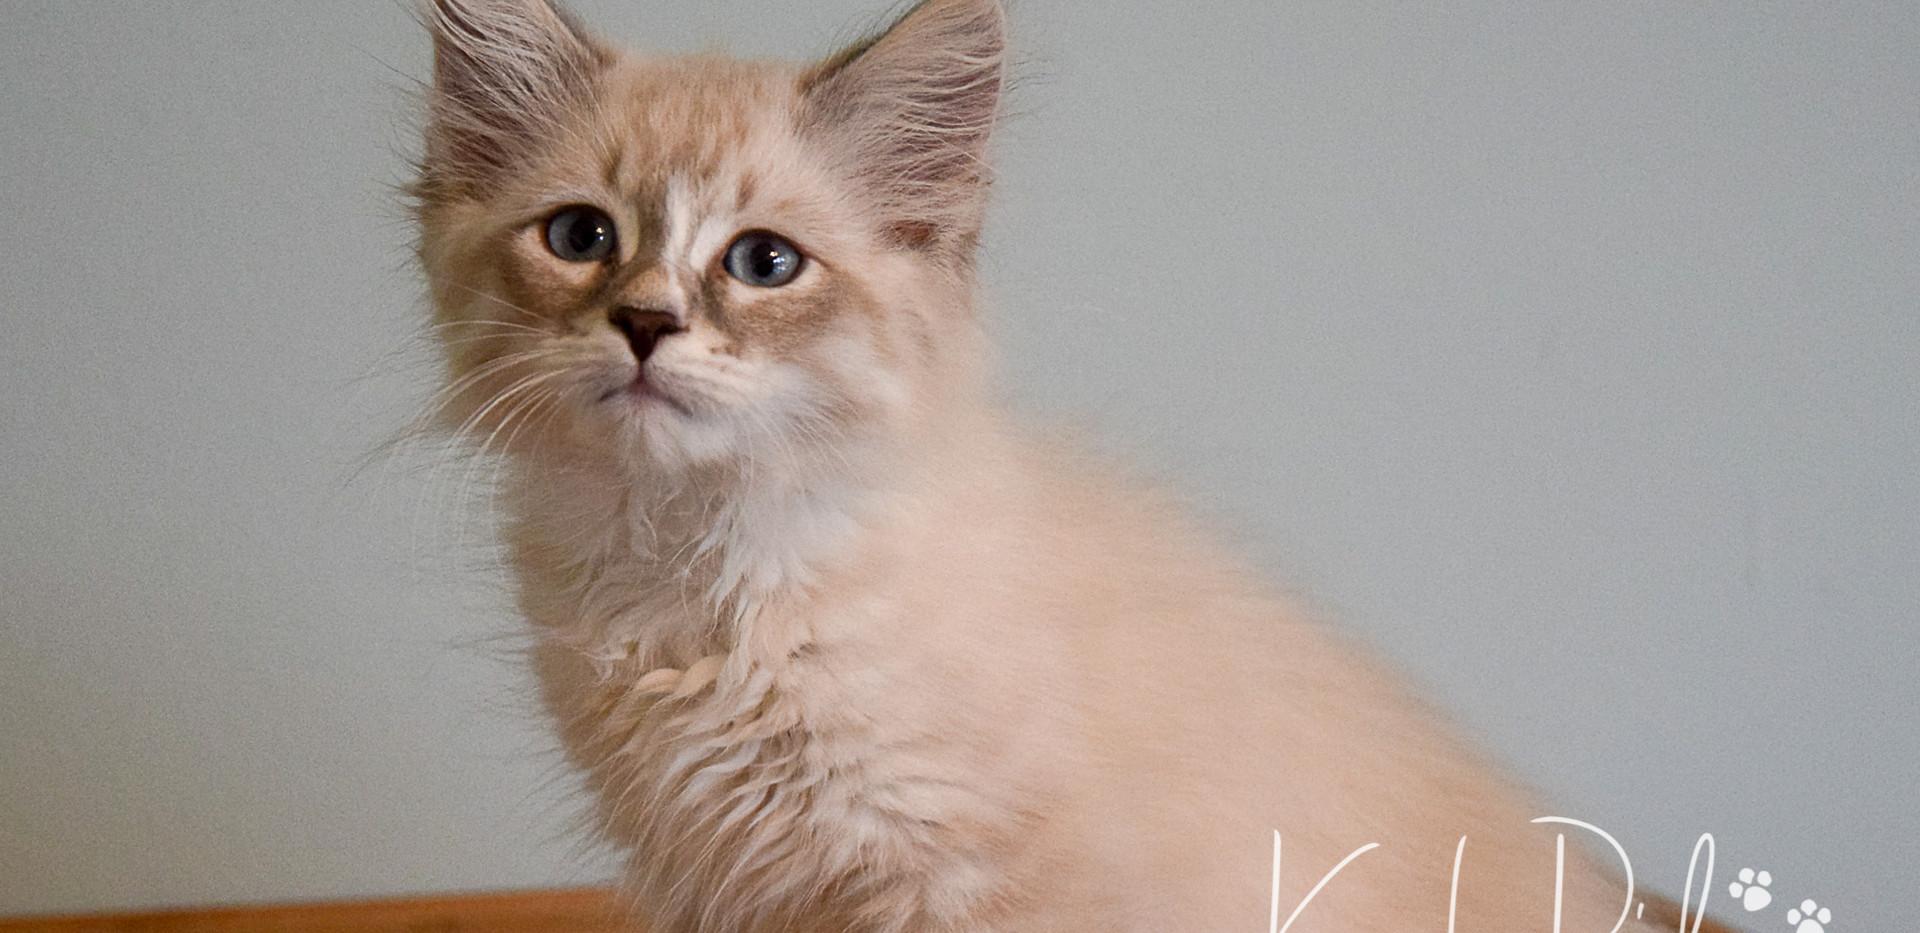 Keuka Ridge Farley - 11.5 Weeks Old